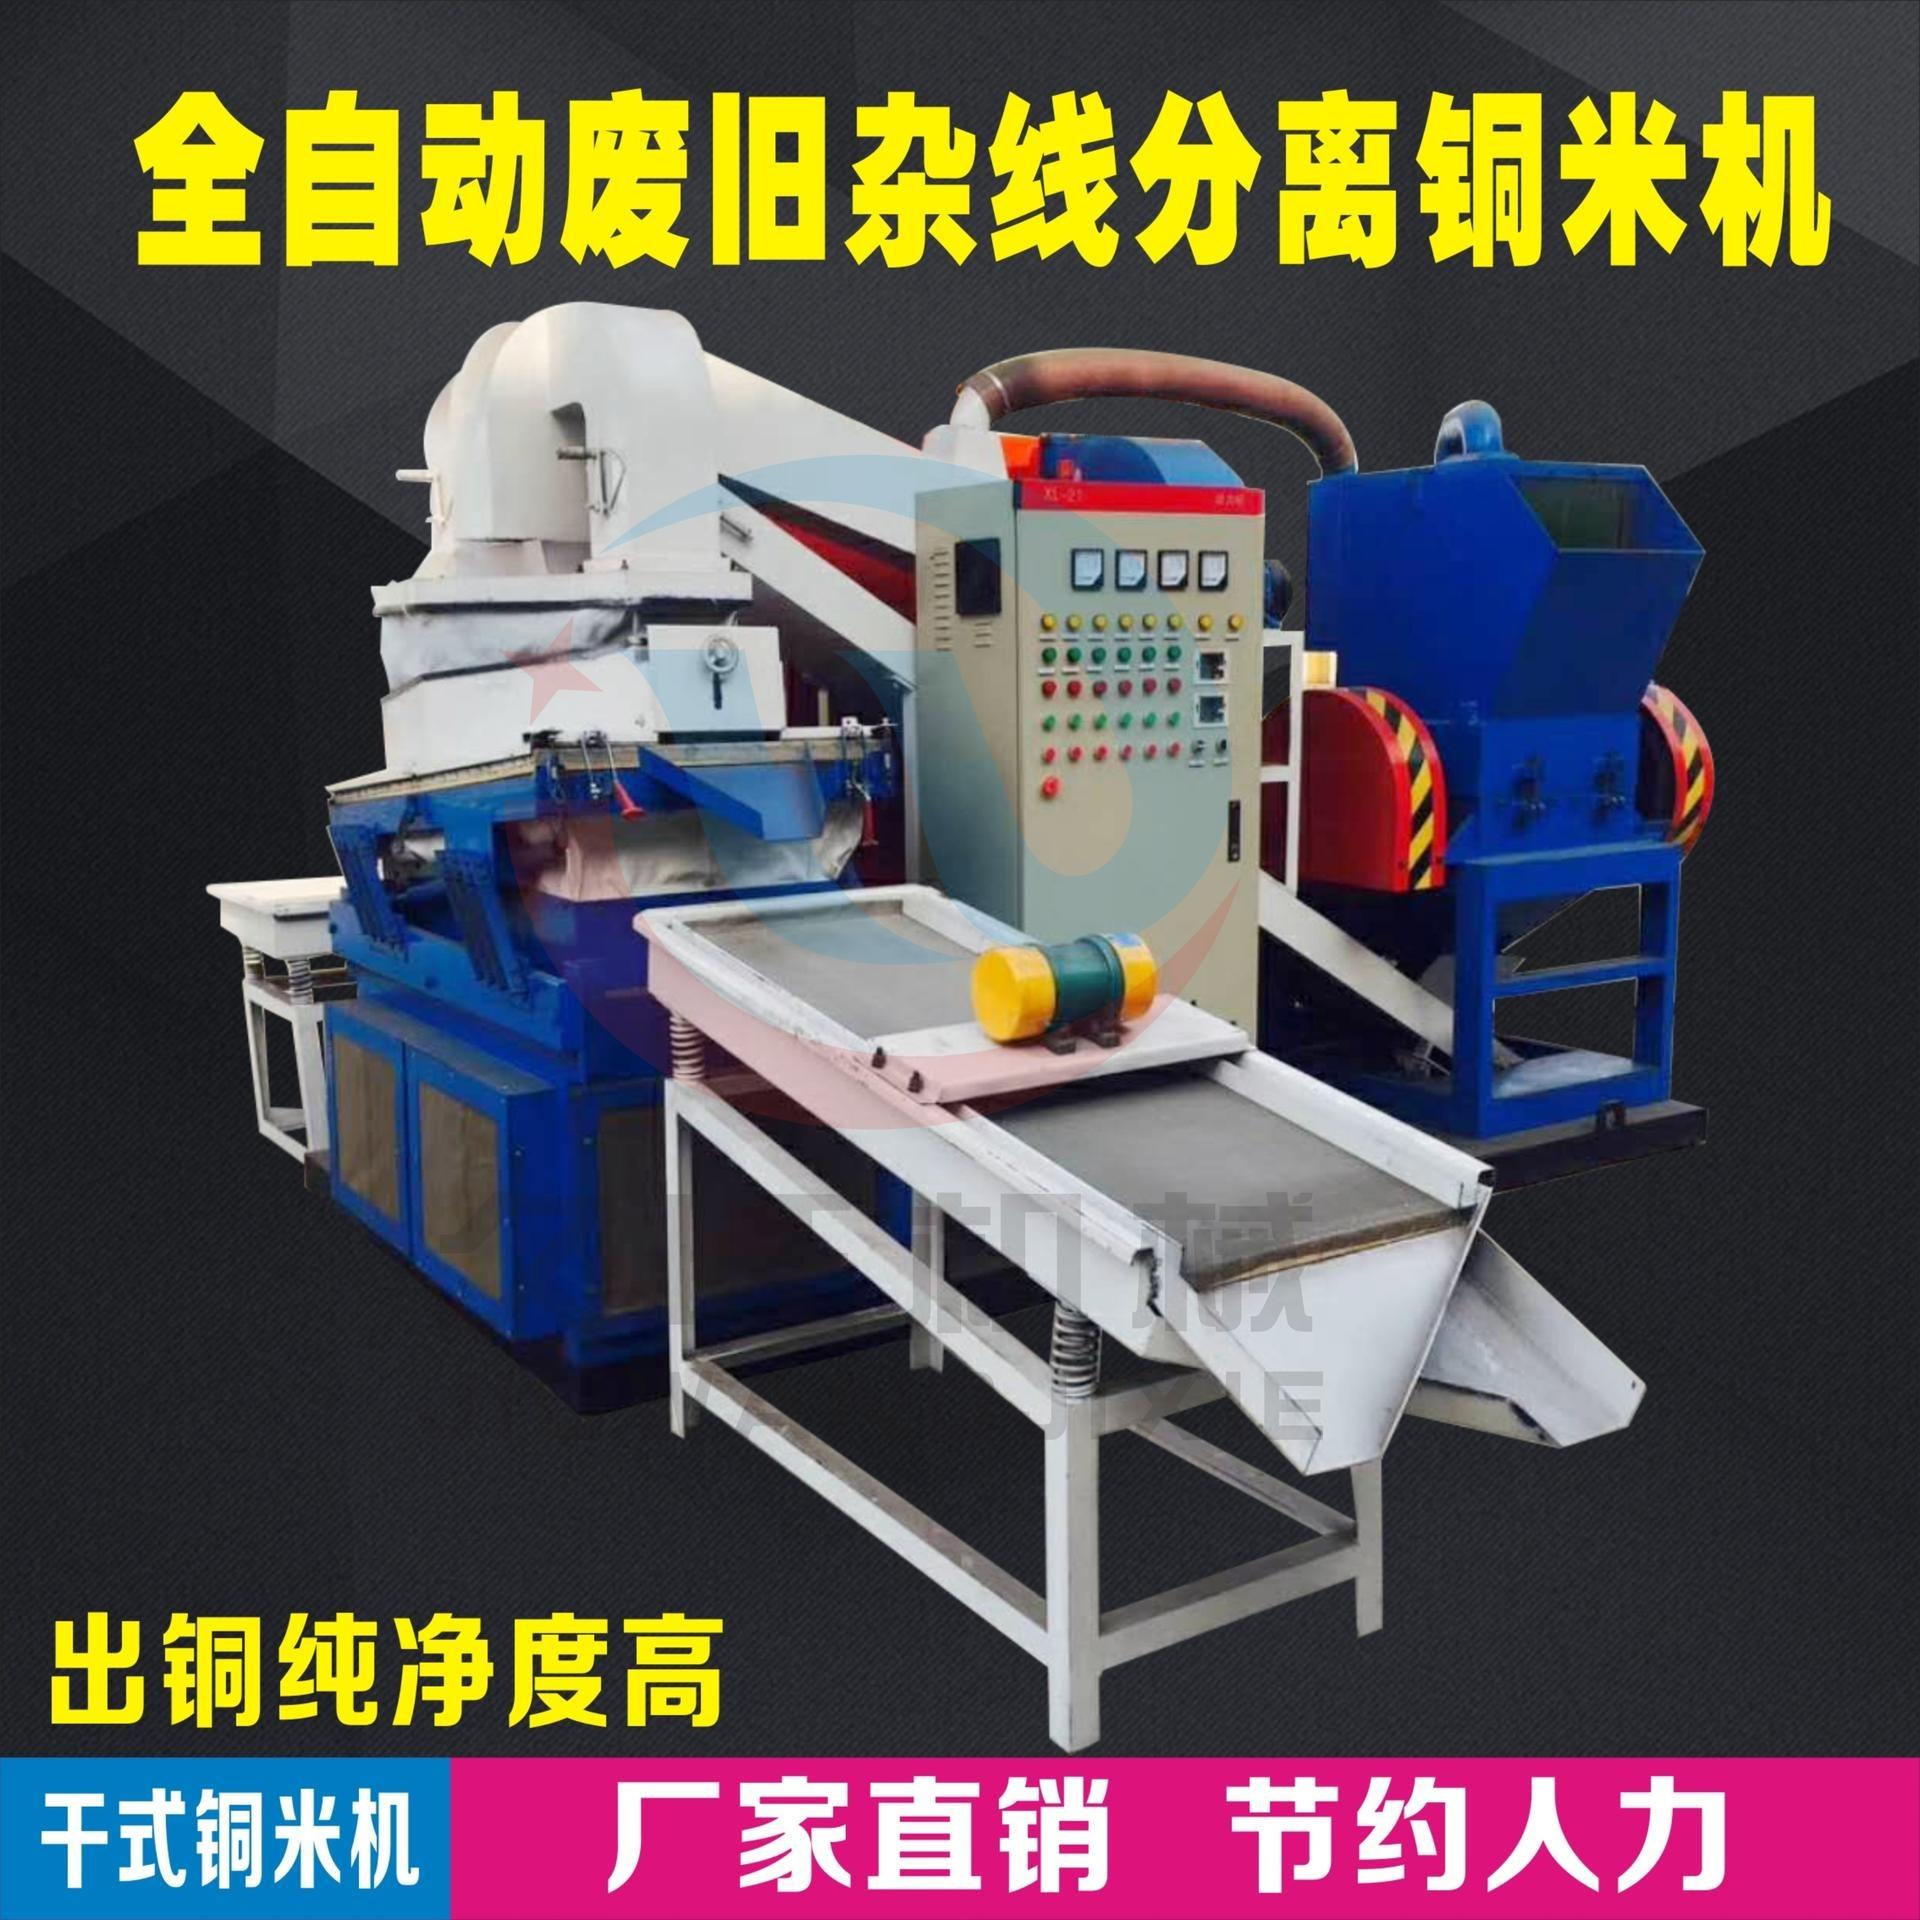 銅米機廠家直銷 舊電線分離設備 汽車線銅米機 久旺銅米機  干式雜線銅米機